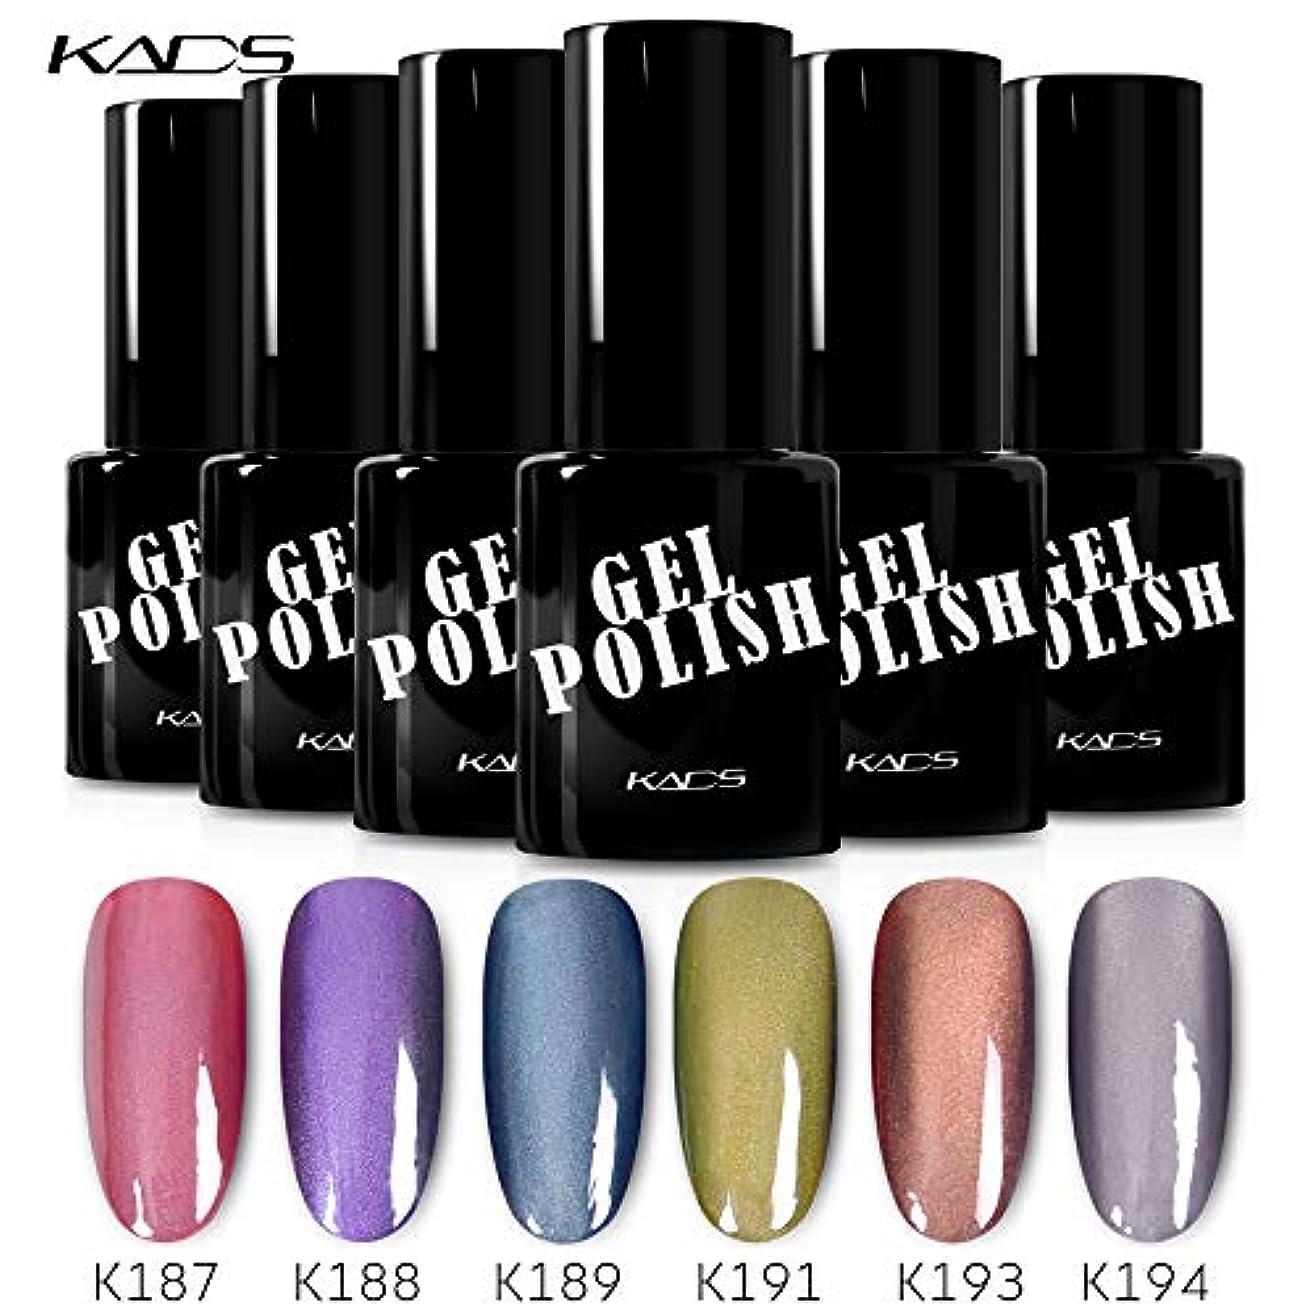 KADS カラージェル 6色入り キャッツアイジェルネイル グリーン/ピンク/グレー カラーポリッシュ UV/LED対応 艶長持ち